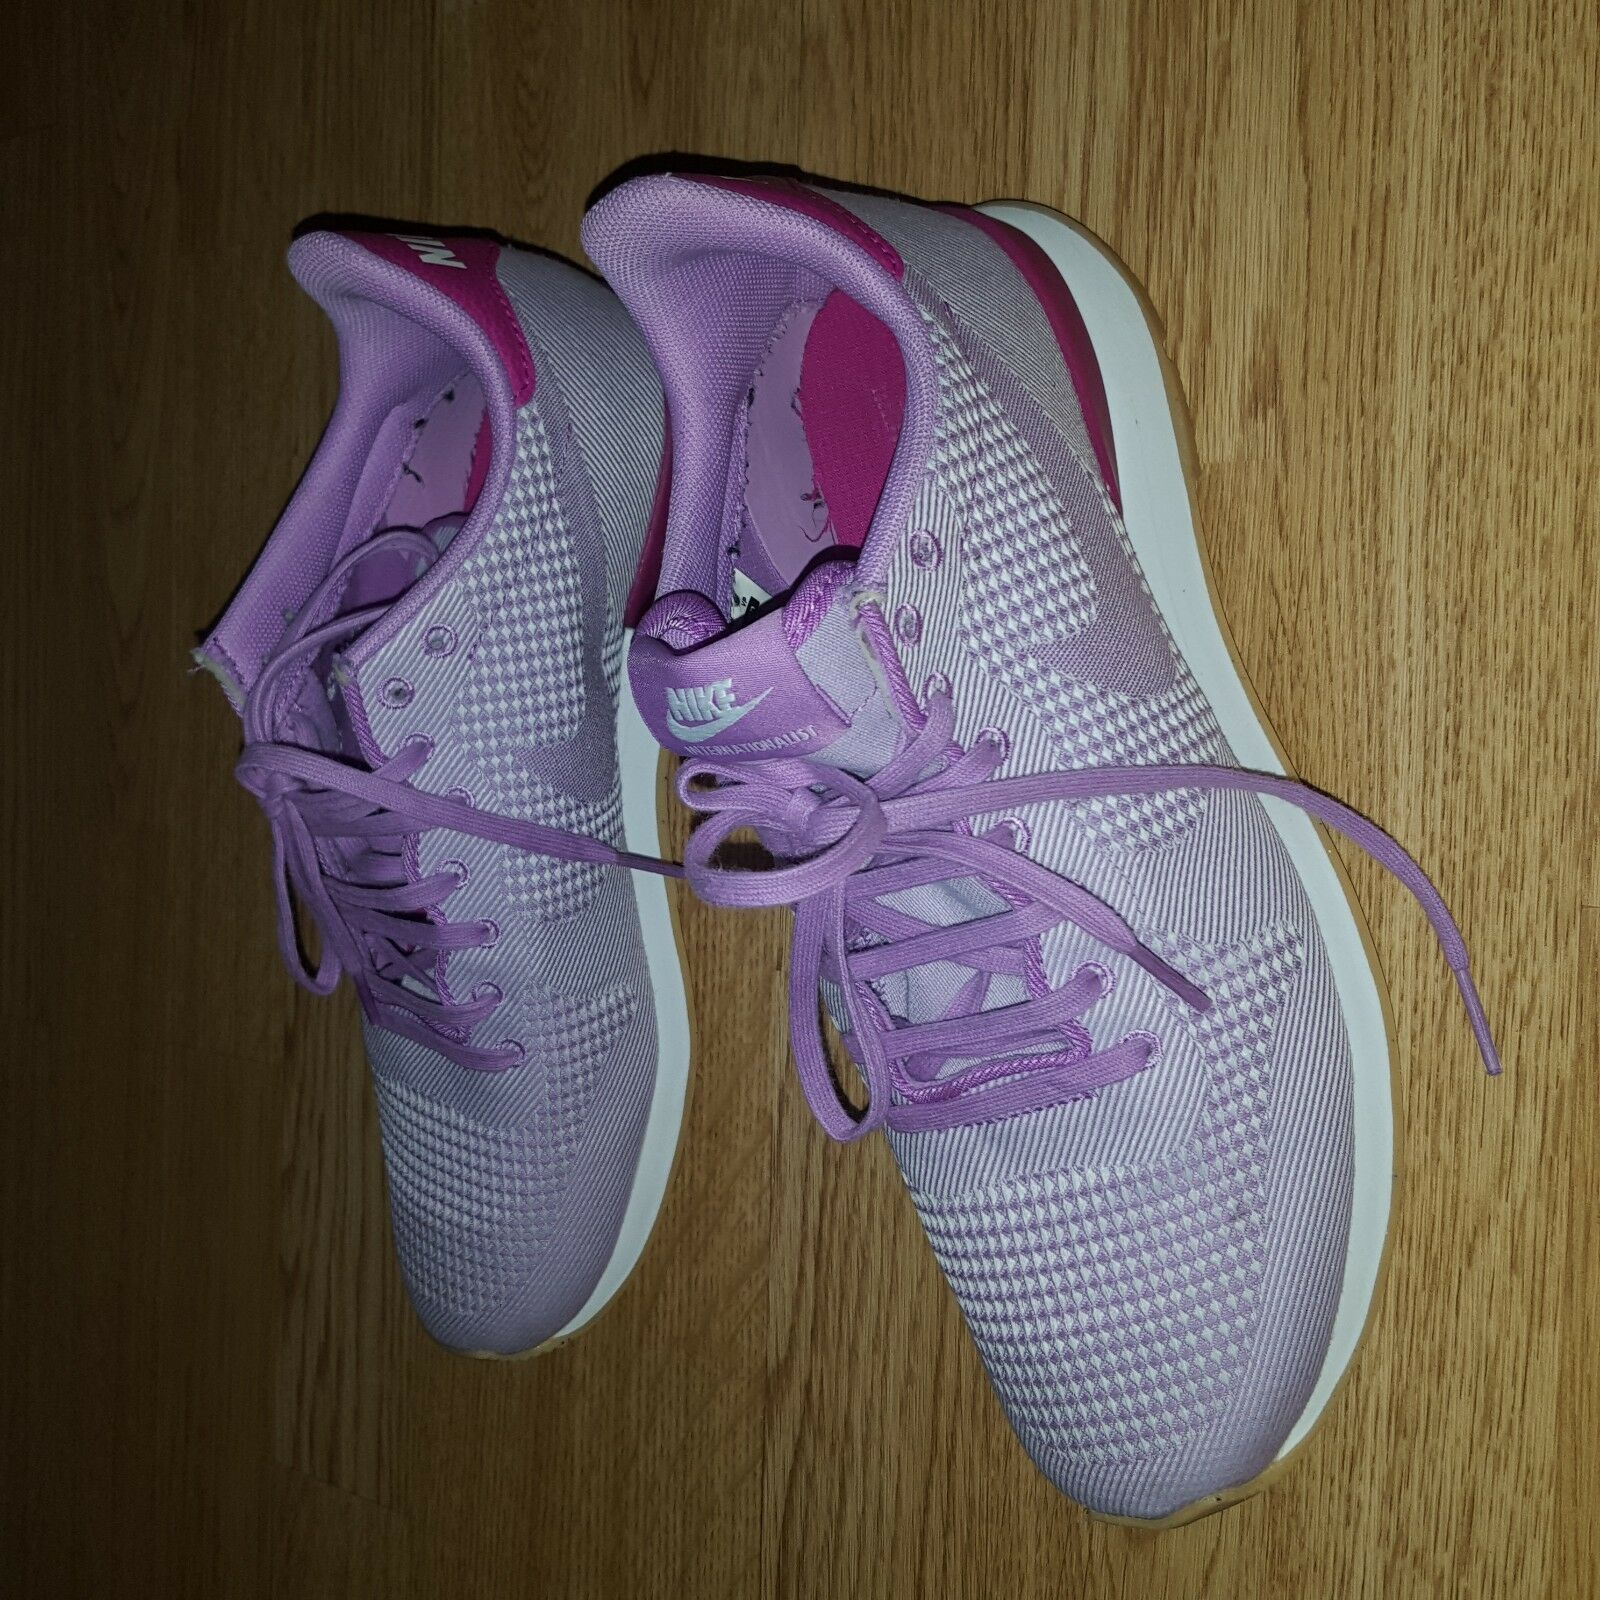 Wmns Nike Internazionalista Rosa Gomma Gomma Gomma Fucsia Flash Scarpe da Ginnastica Jacquard Taglia 5.5 38 fae7e7